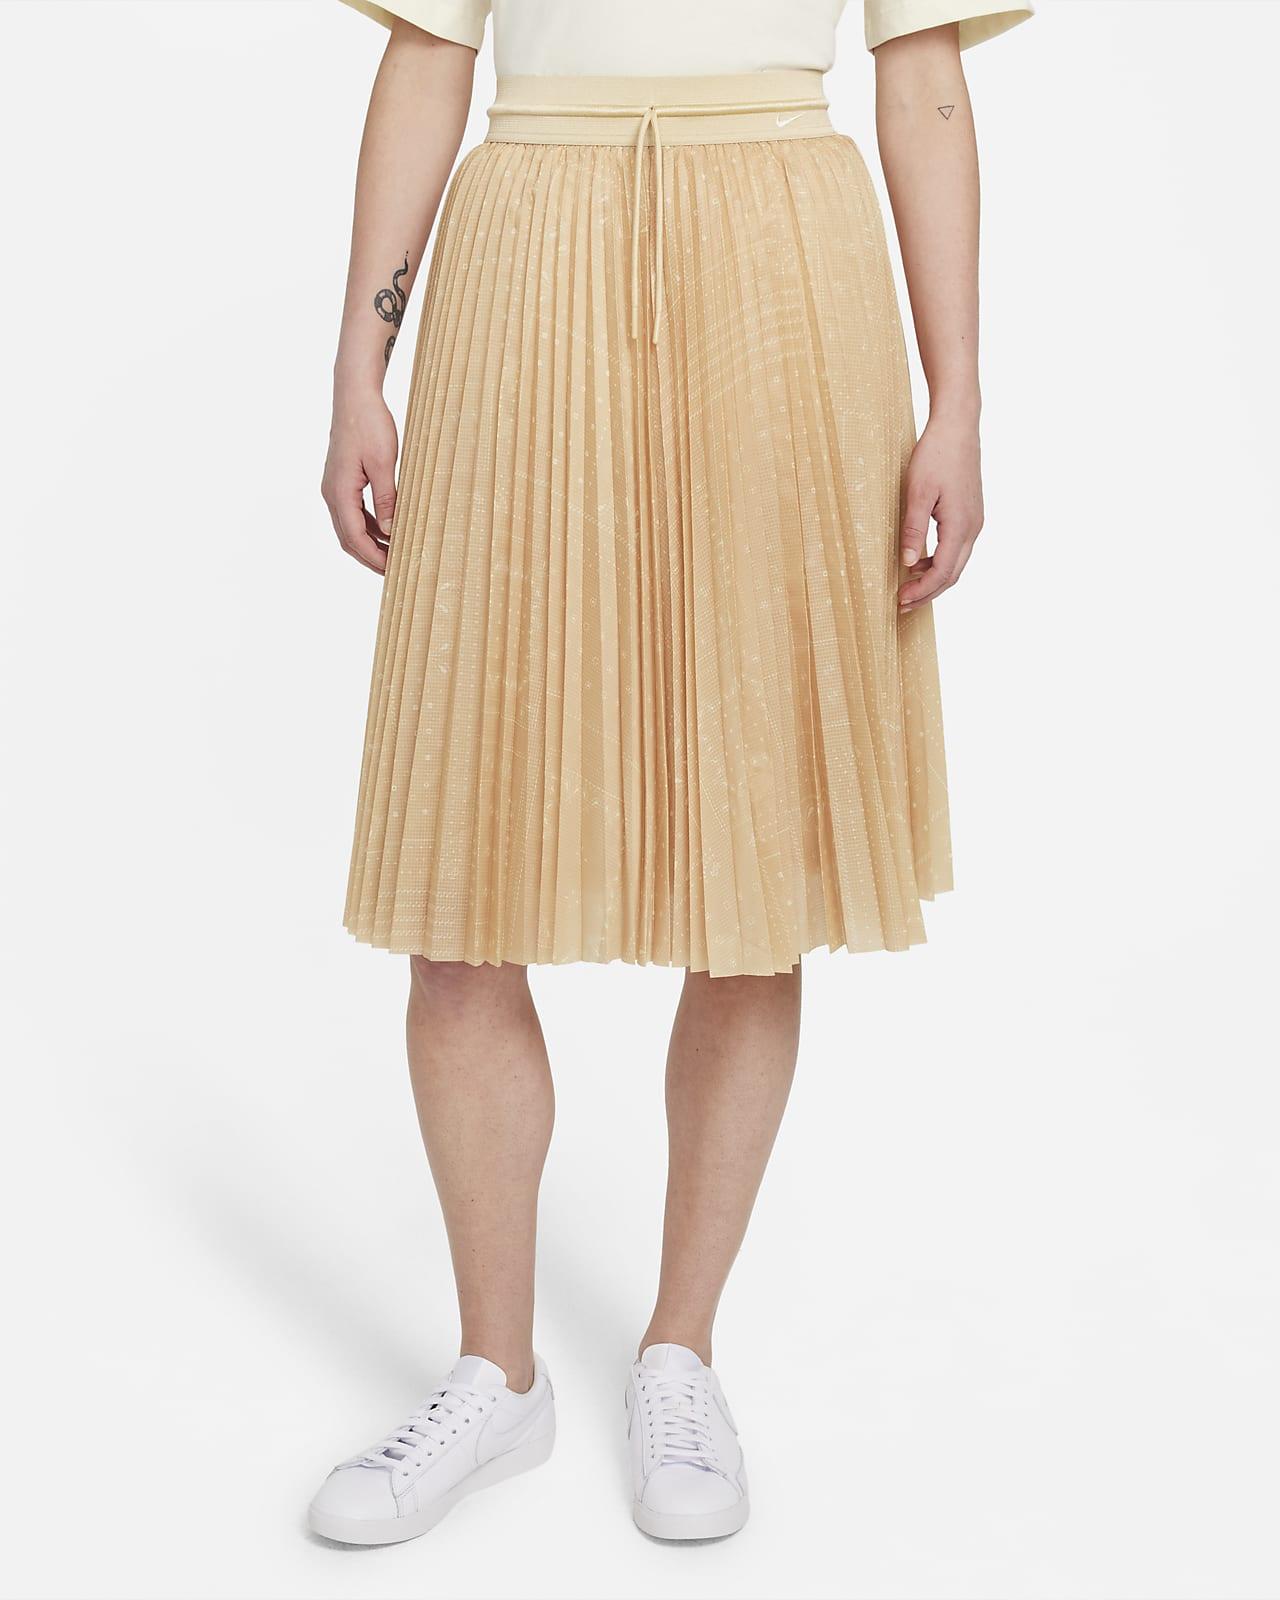 Nike Sportswear 女款裙裝